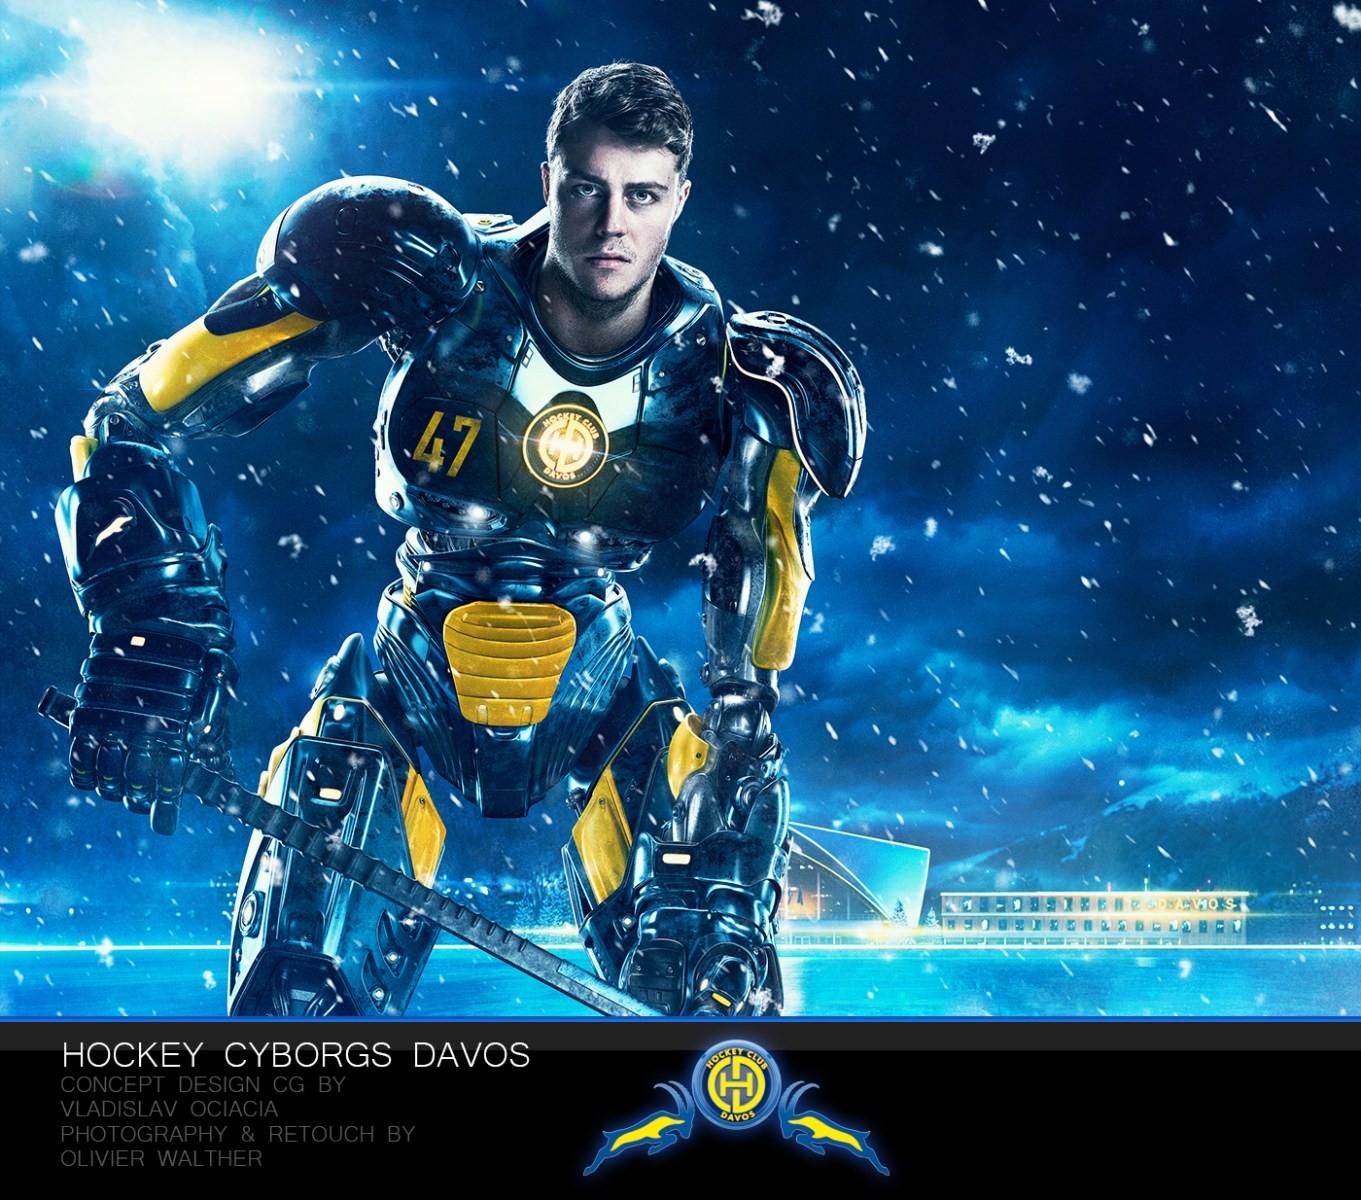 Vladislav ociacia hockey player robots 1